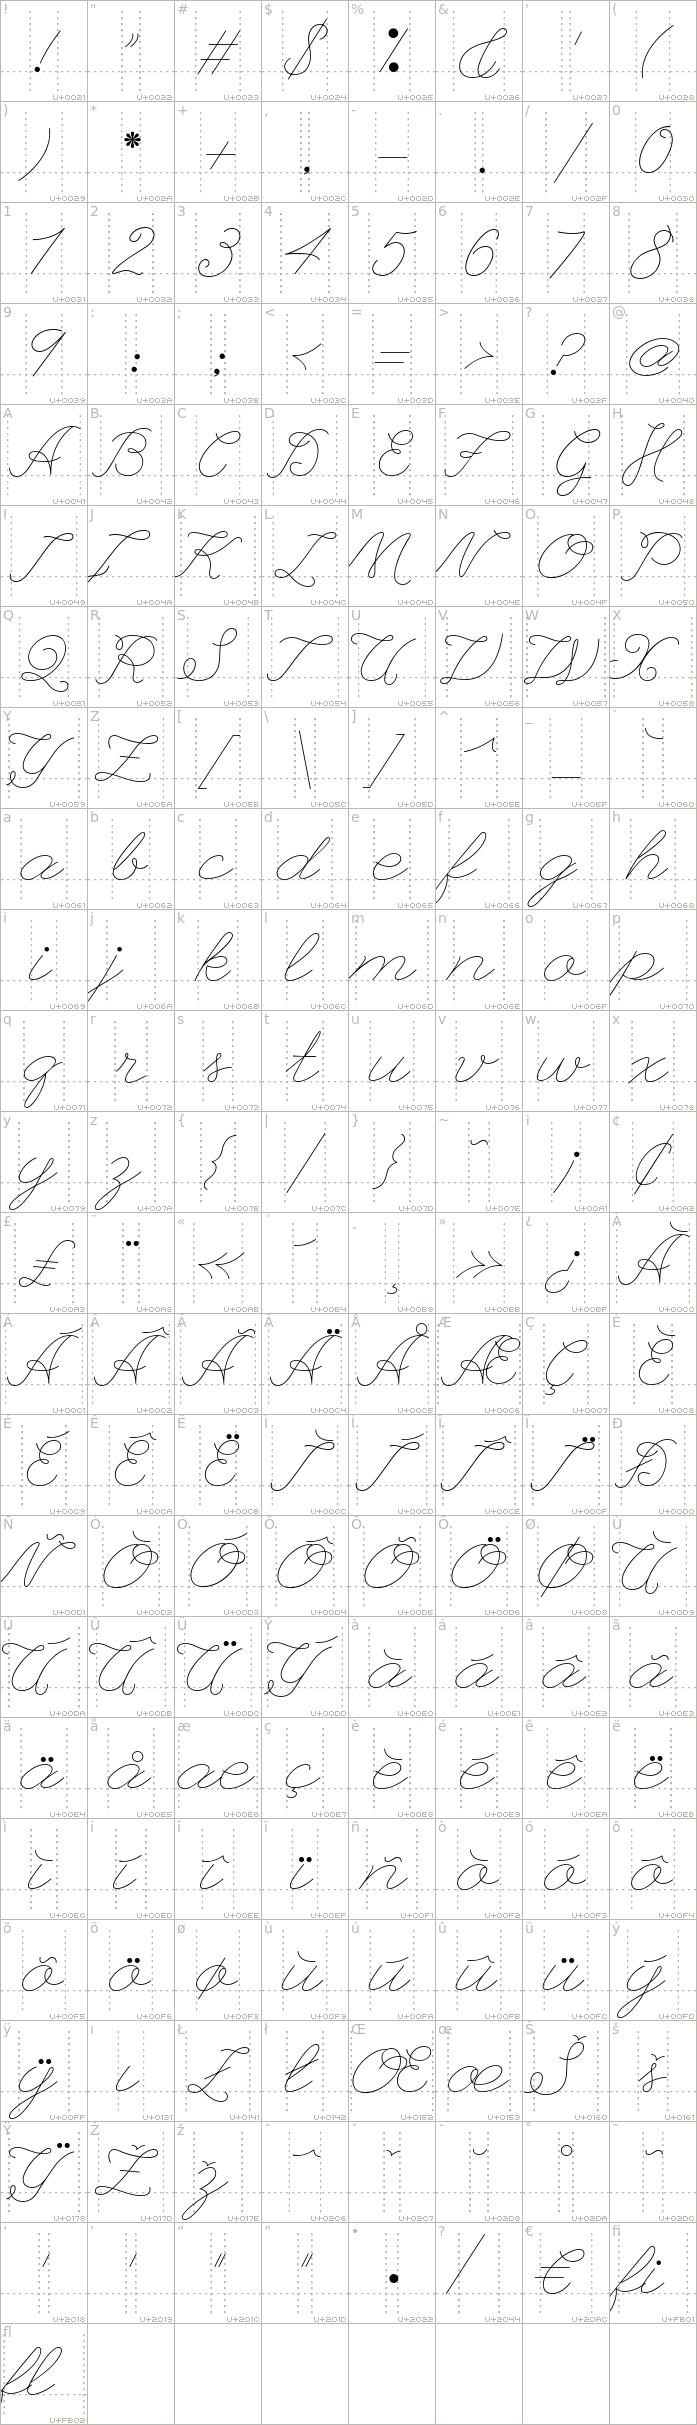 league-script.league-script.character-map-1